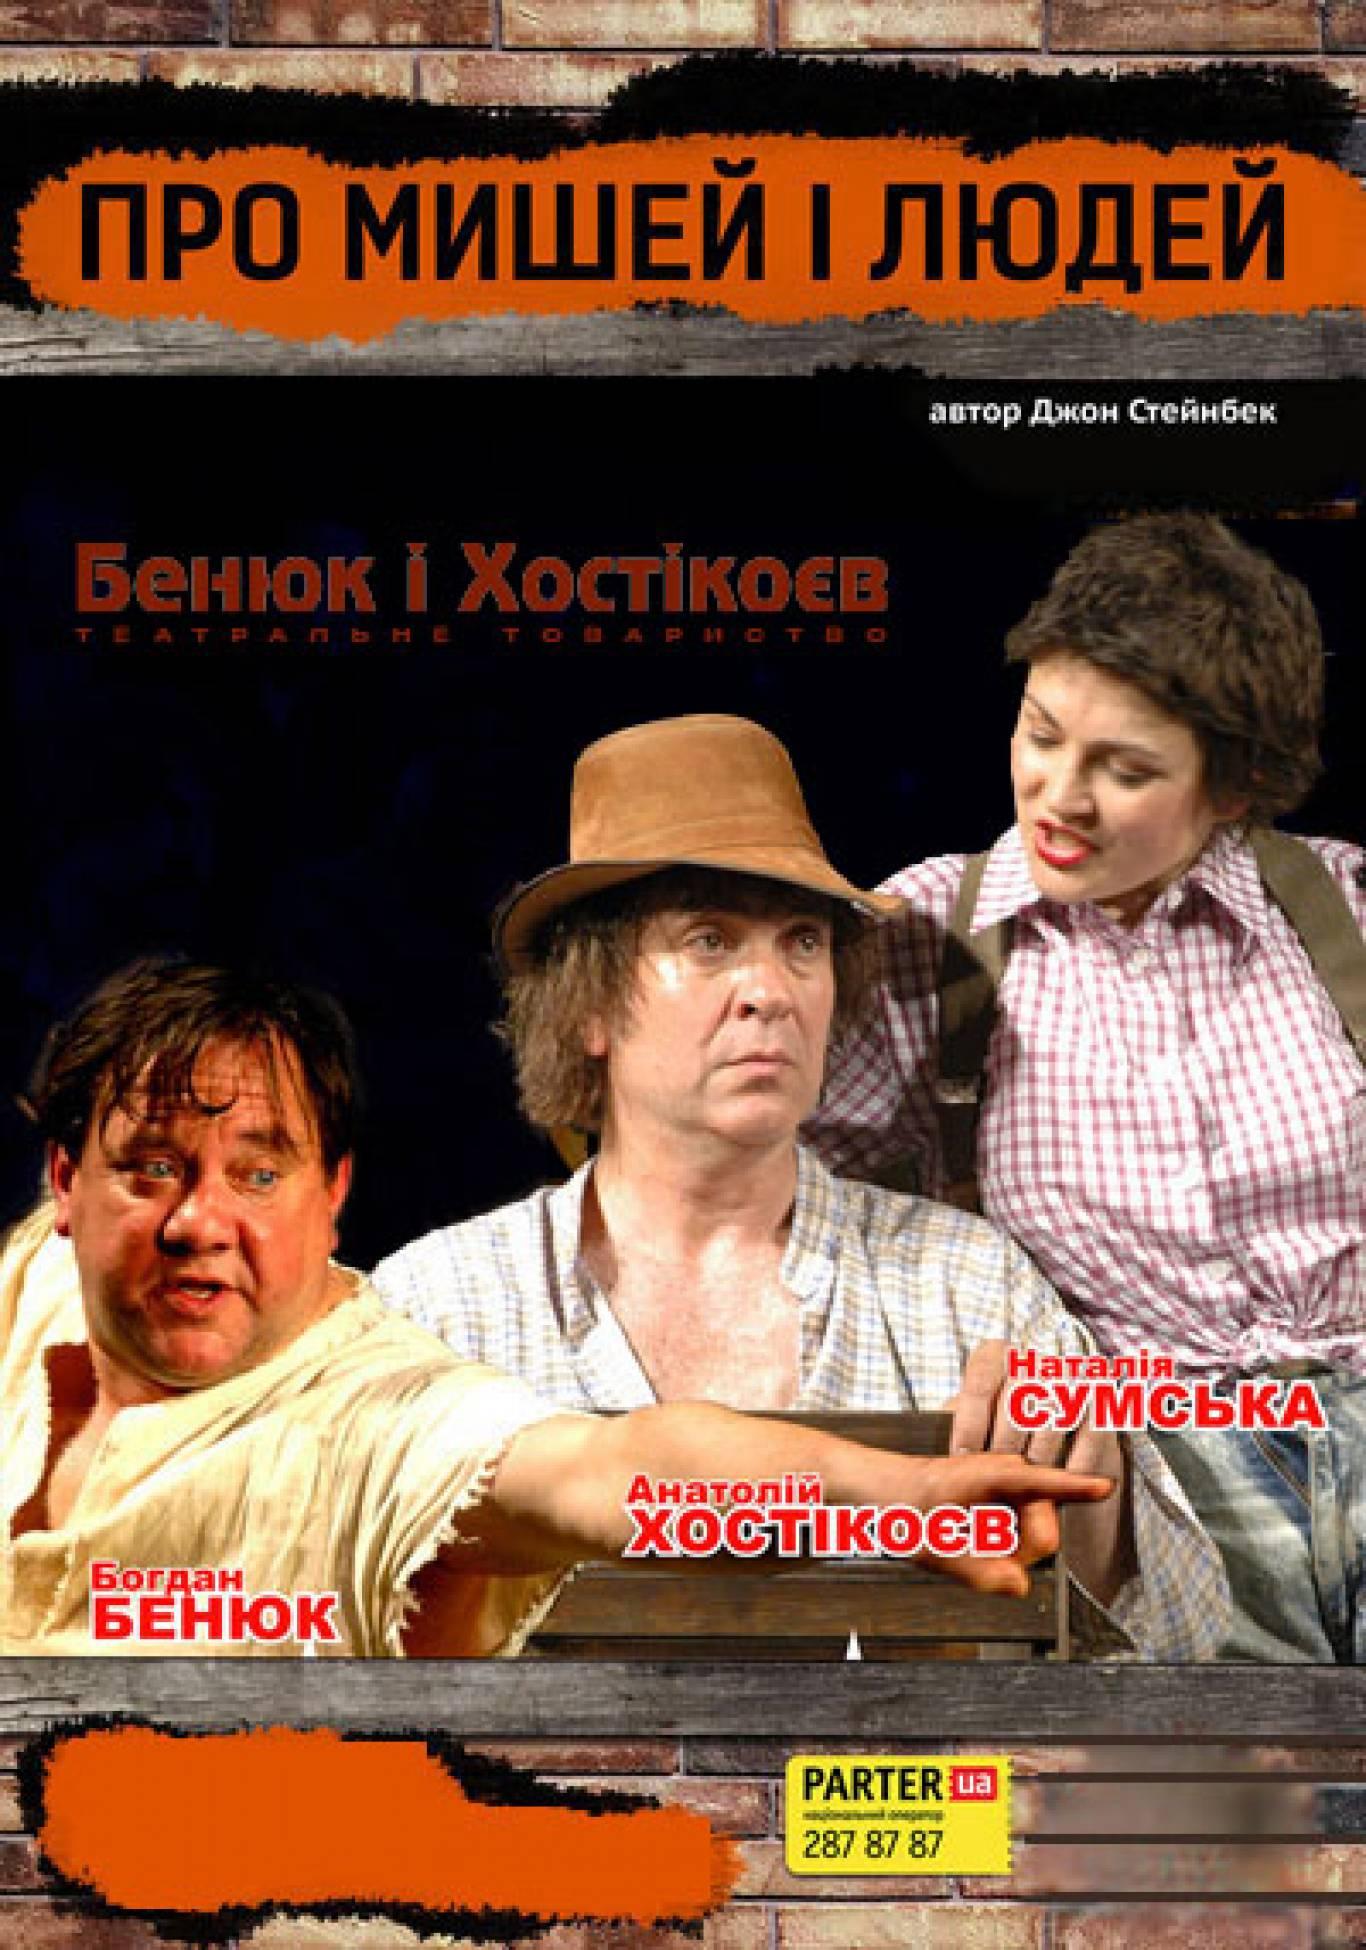 """Вистава """"Про мишей і людей"""" за участю Б.Бенюка та А.Хостікоєва"""